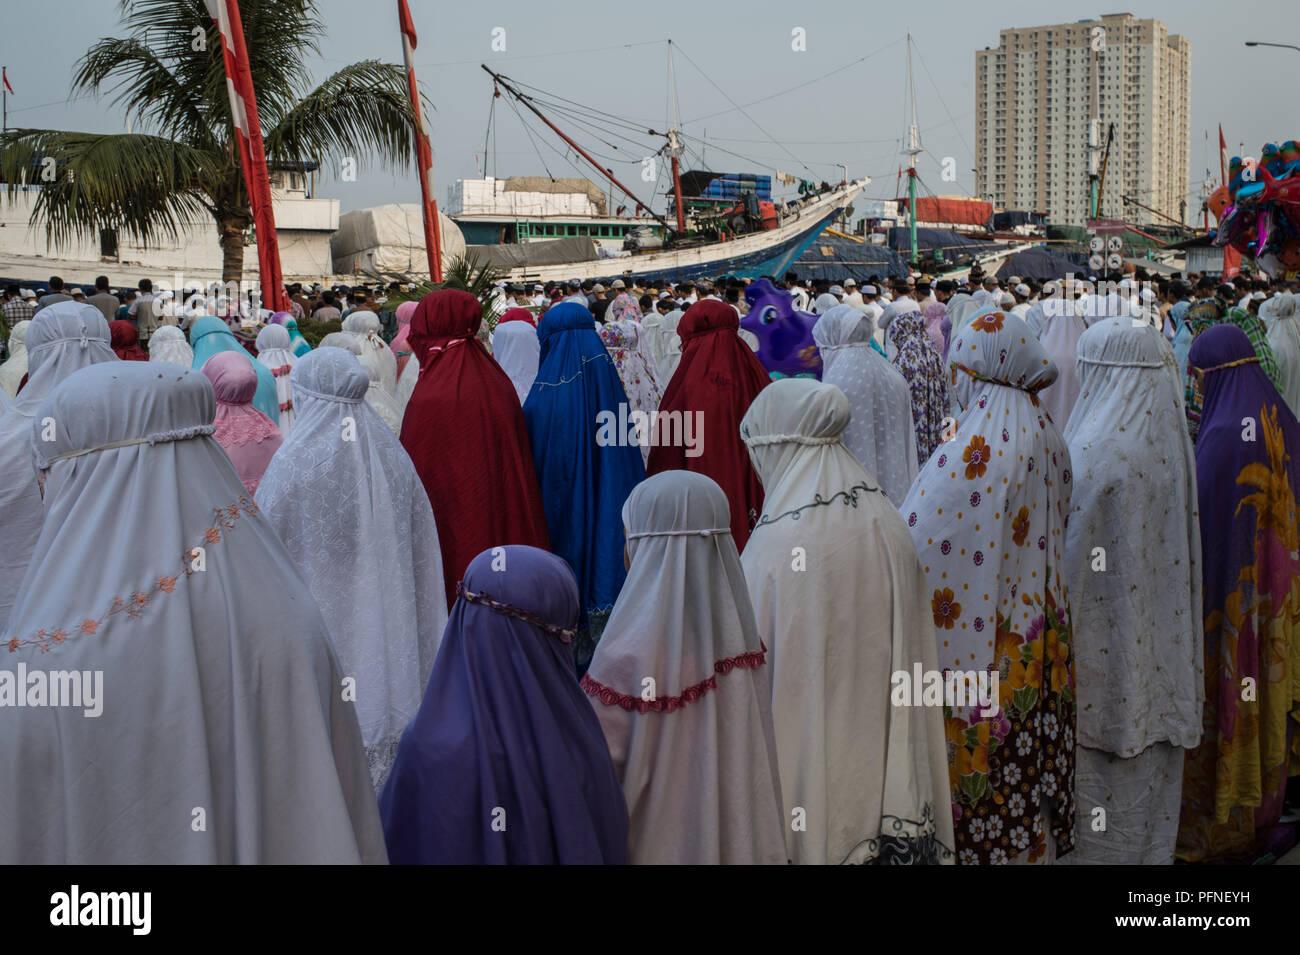 Calendario Islamico E Feste Islamiche.Di Giacarta A Jakarta Indonesia Il 22 Agosto 2018